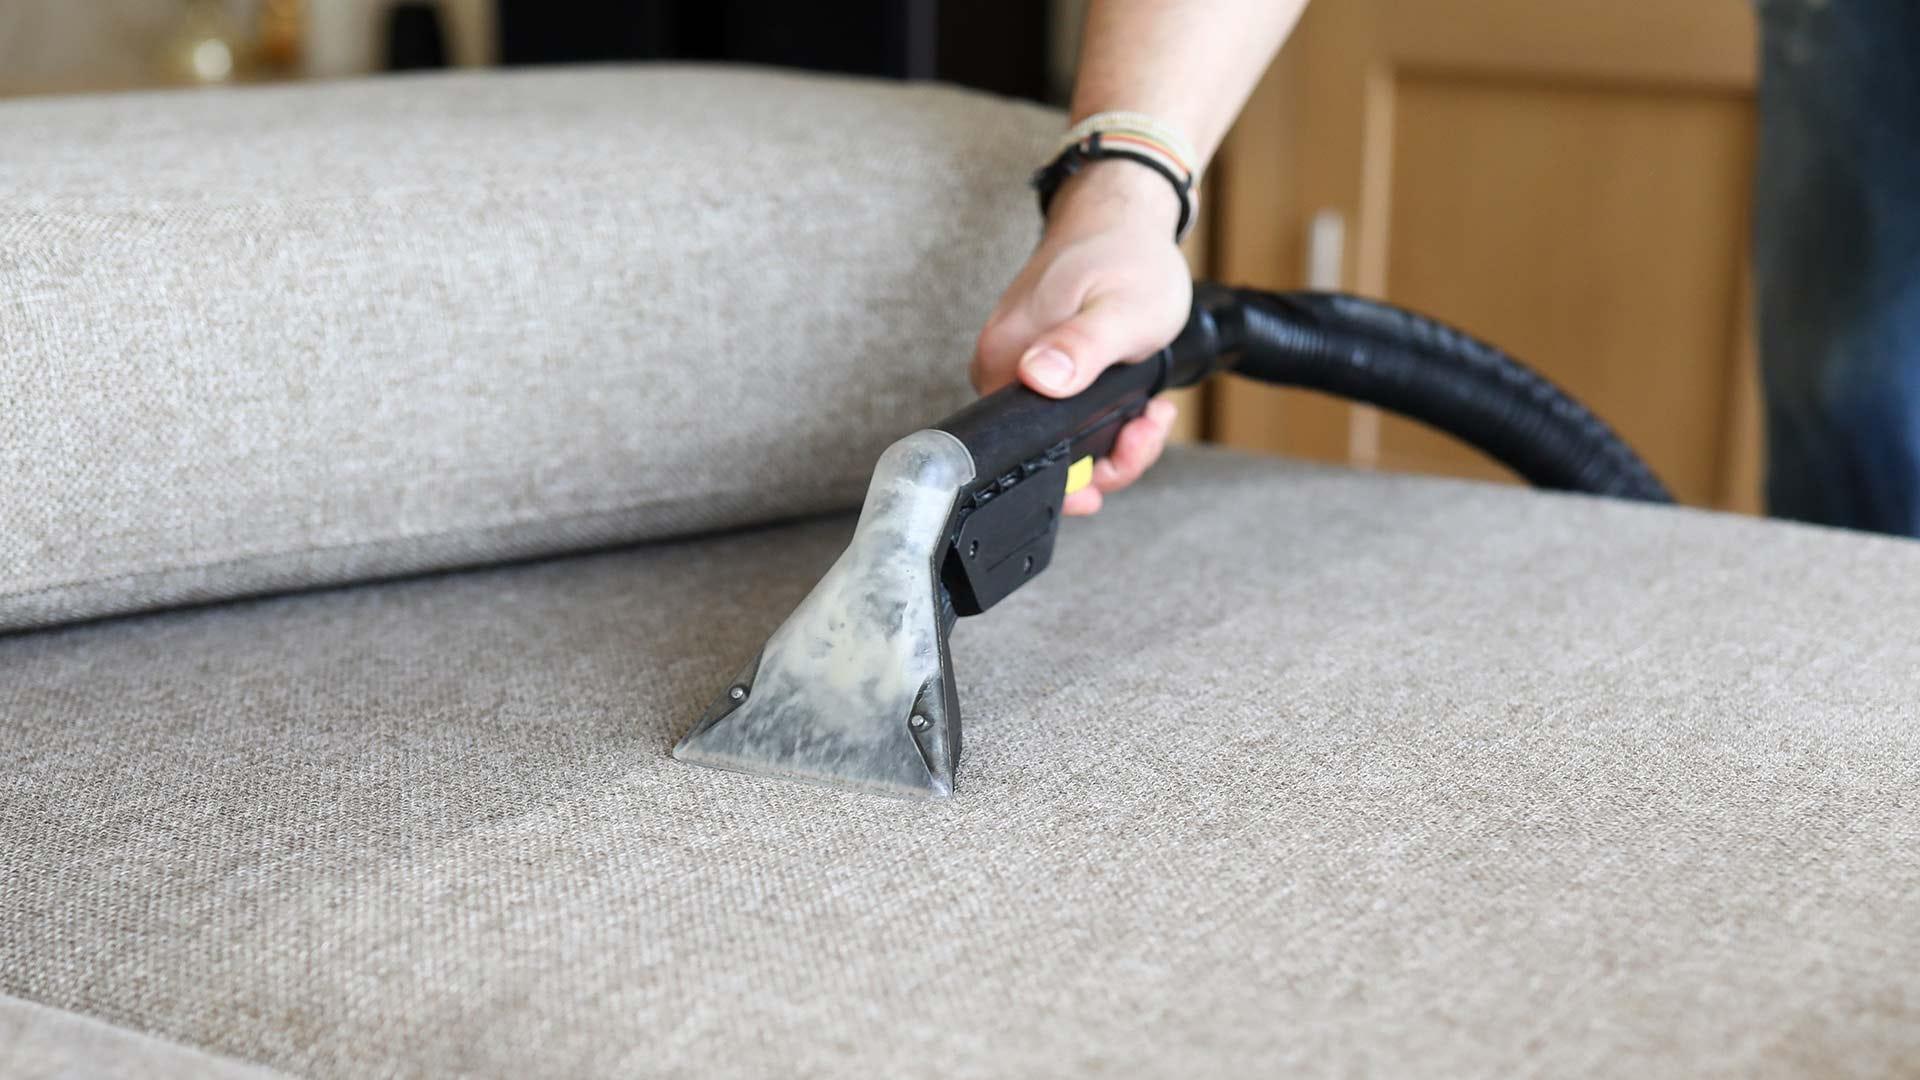 Une personne utilisant une machine de nettoyage de tissus d'ameublement sur son canapé.